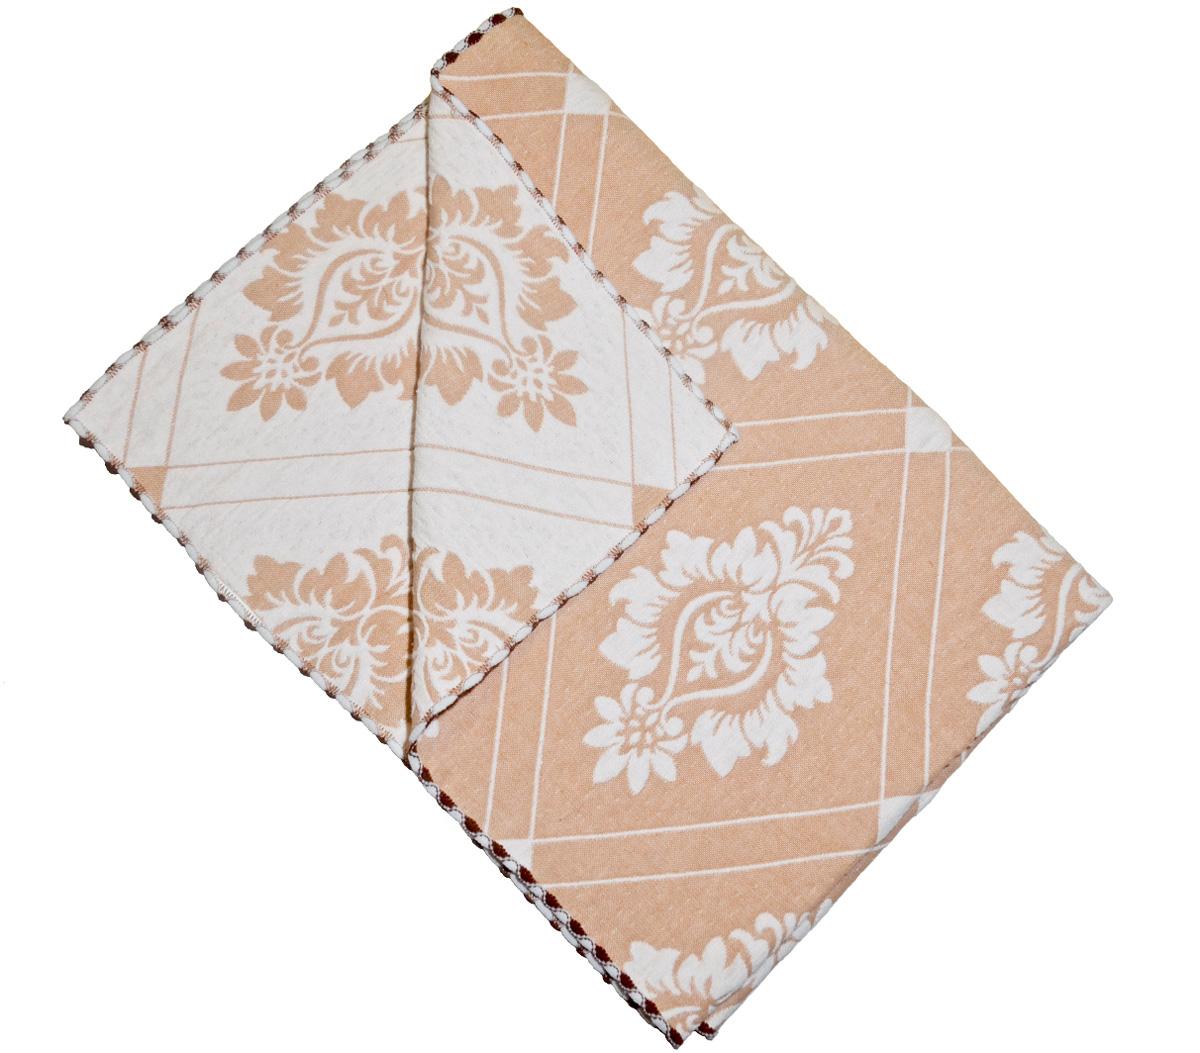 Набор кухонных полотенец Kamalak Tekstil Дамаск, цвет: бежевый, 2 штКНП-004кНабор Kamalak Tekstil Дамаск состоит из двух полотенец, выполненныхиз 100% хлопка. Изделия предназначены дляиспользования на кухне и в столовой. Отлично впитывают влагу, неприхотливы в стирке, нетеряют своего внешнего вида. Полотенца упакованы в стильную коробочку.Набор полотенец Kamalak Tekstil - отличное приобретениедля каждой хозяйки.Комплектация: 2 шт.